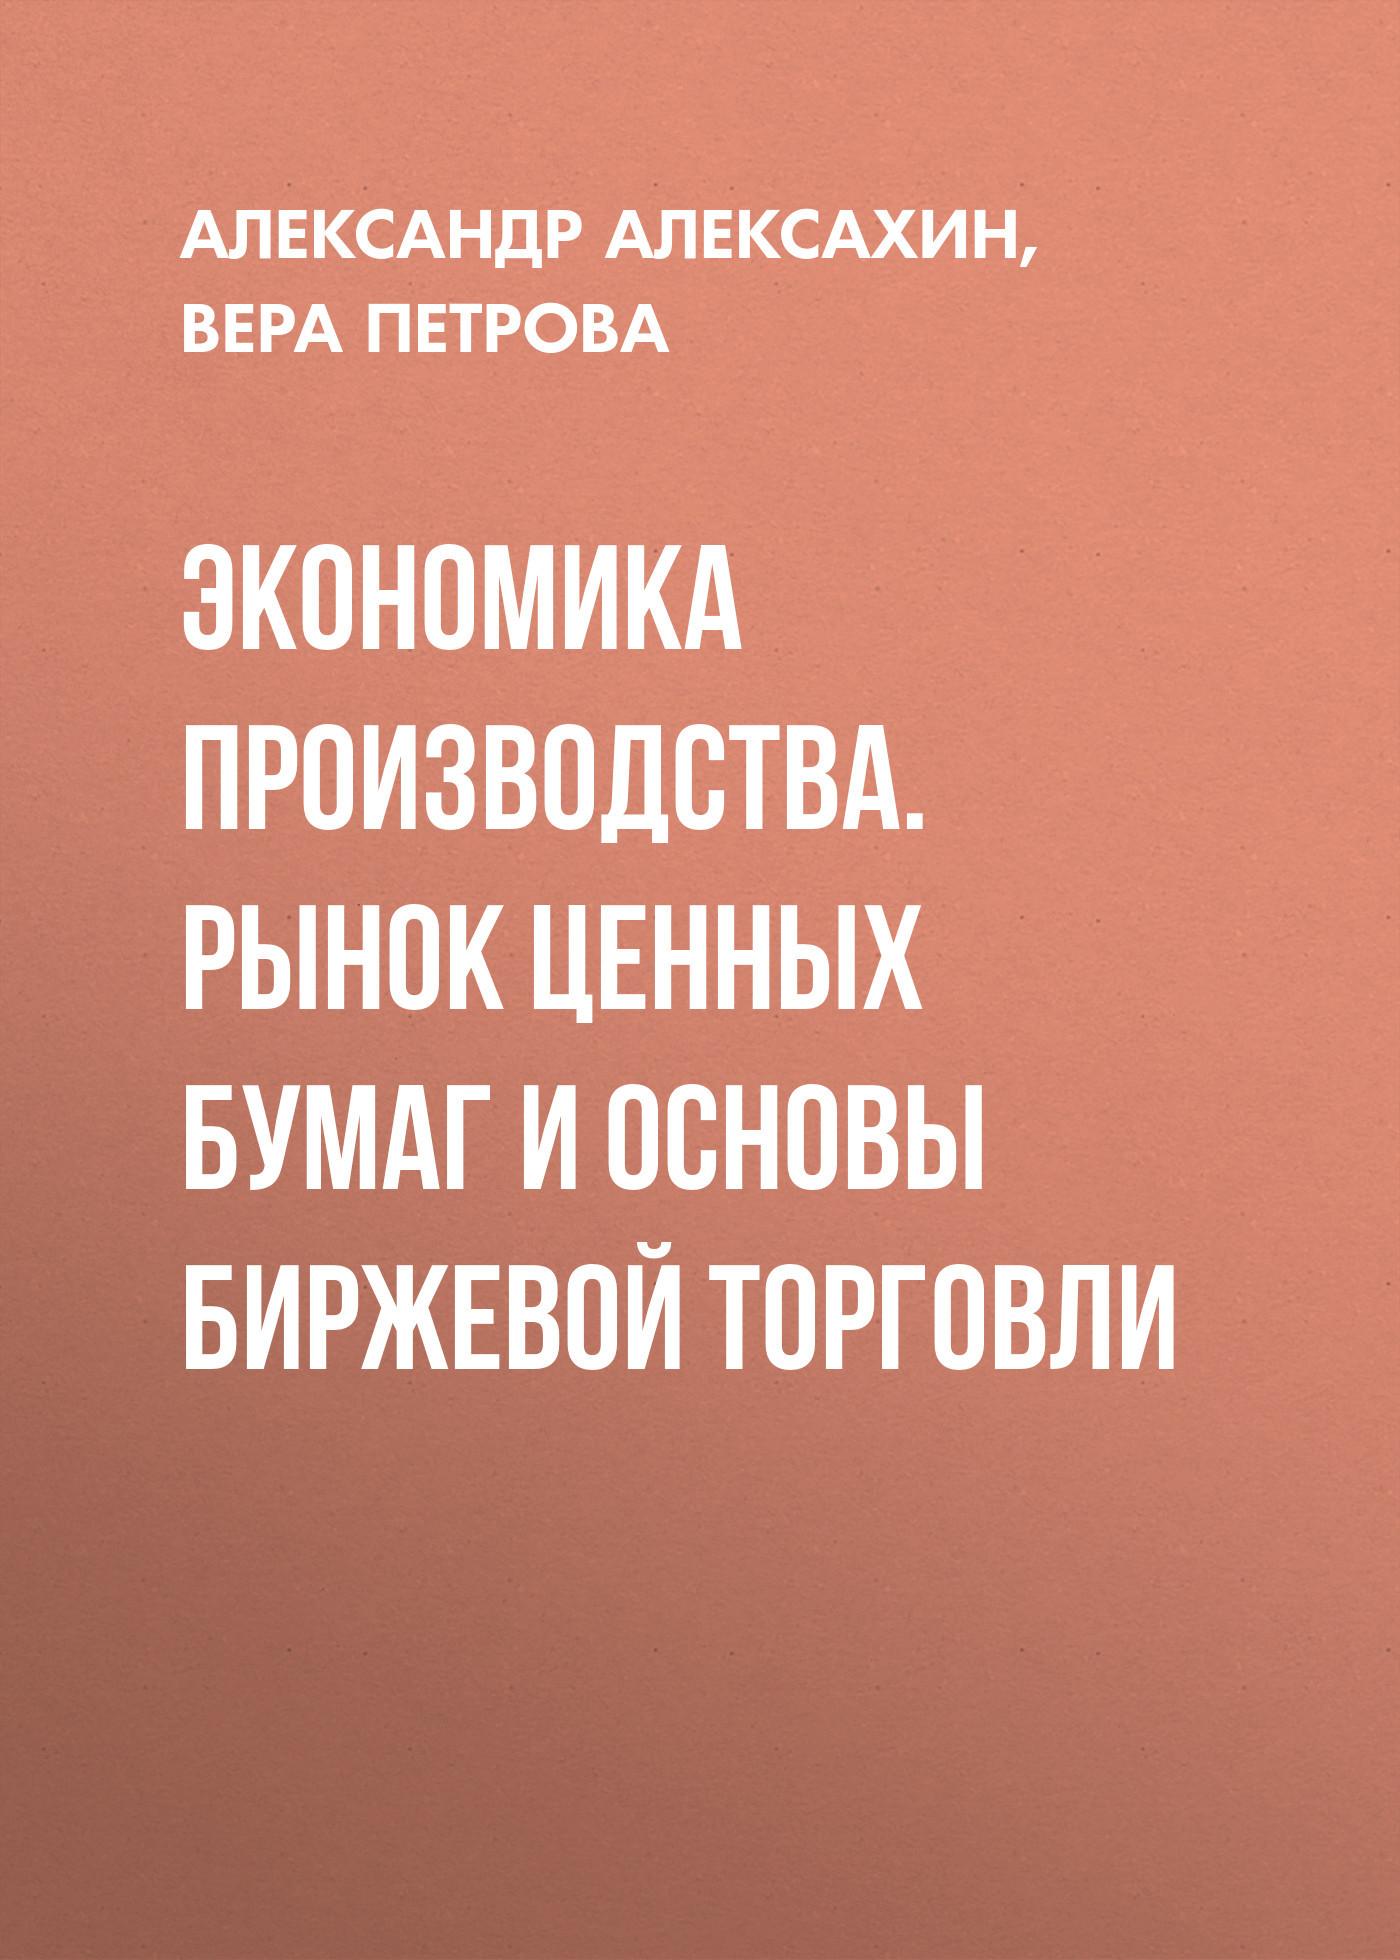 Александр Алексахин. Экономика производства. Рынок ценных бумаг и основы биржевой торговли